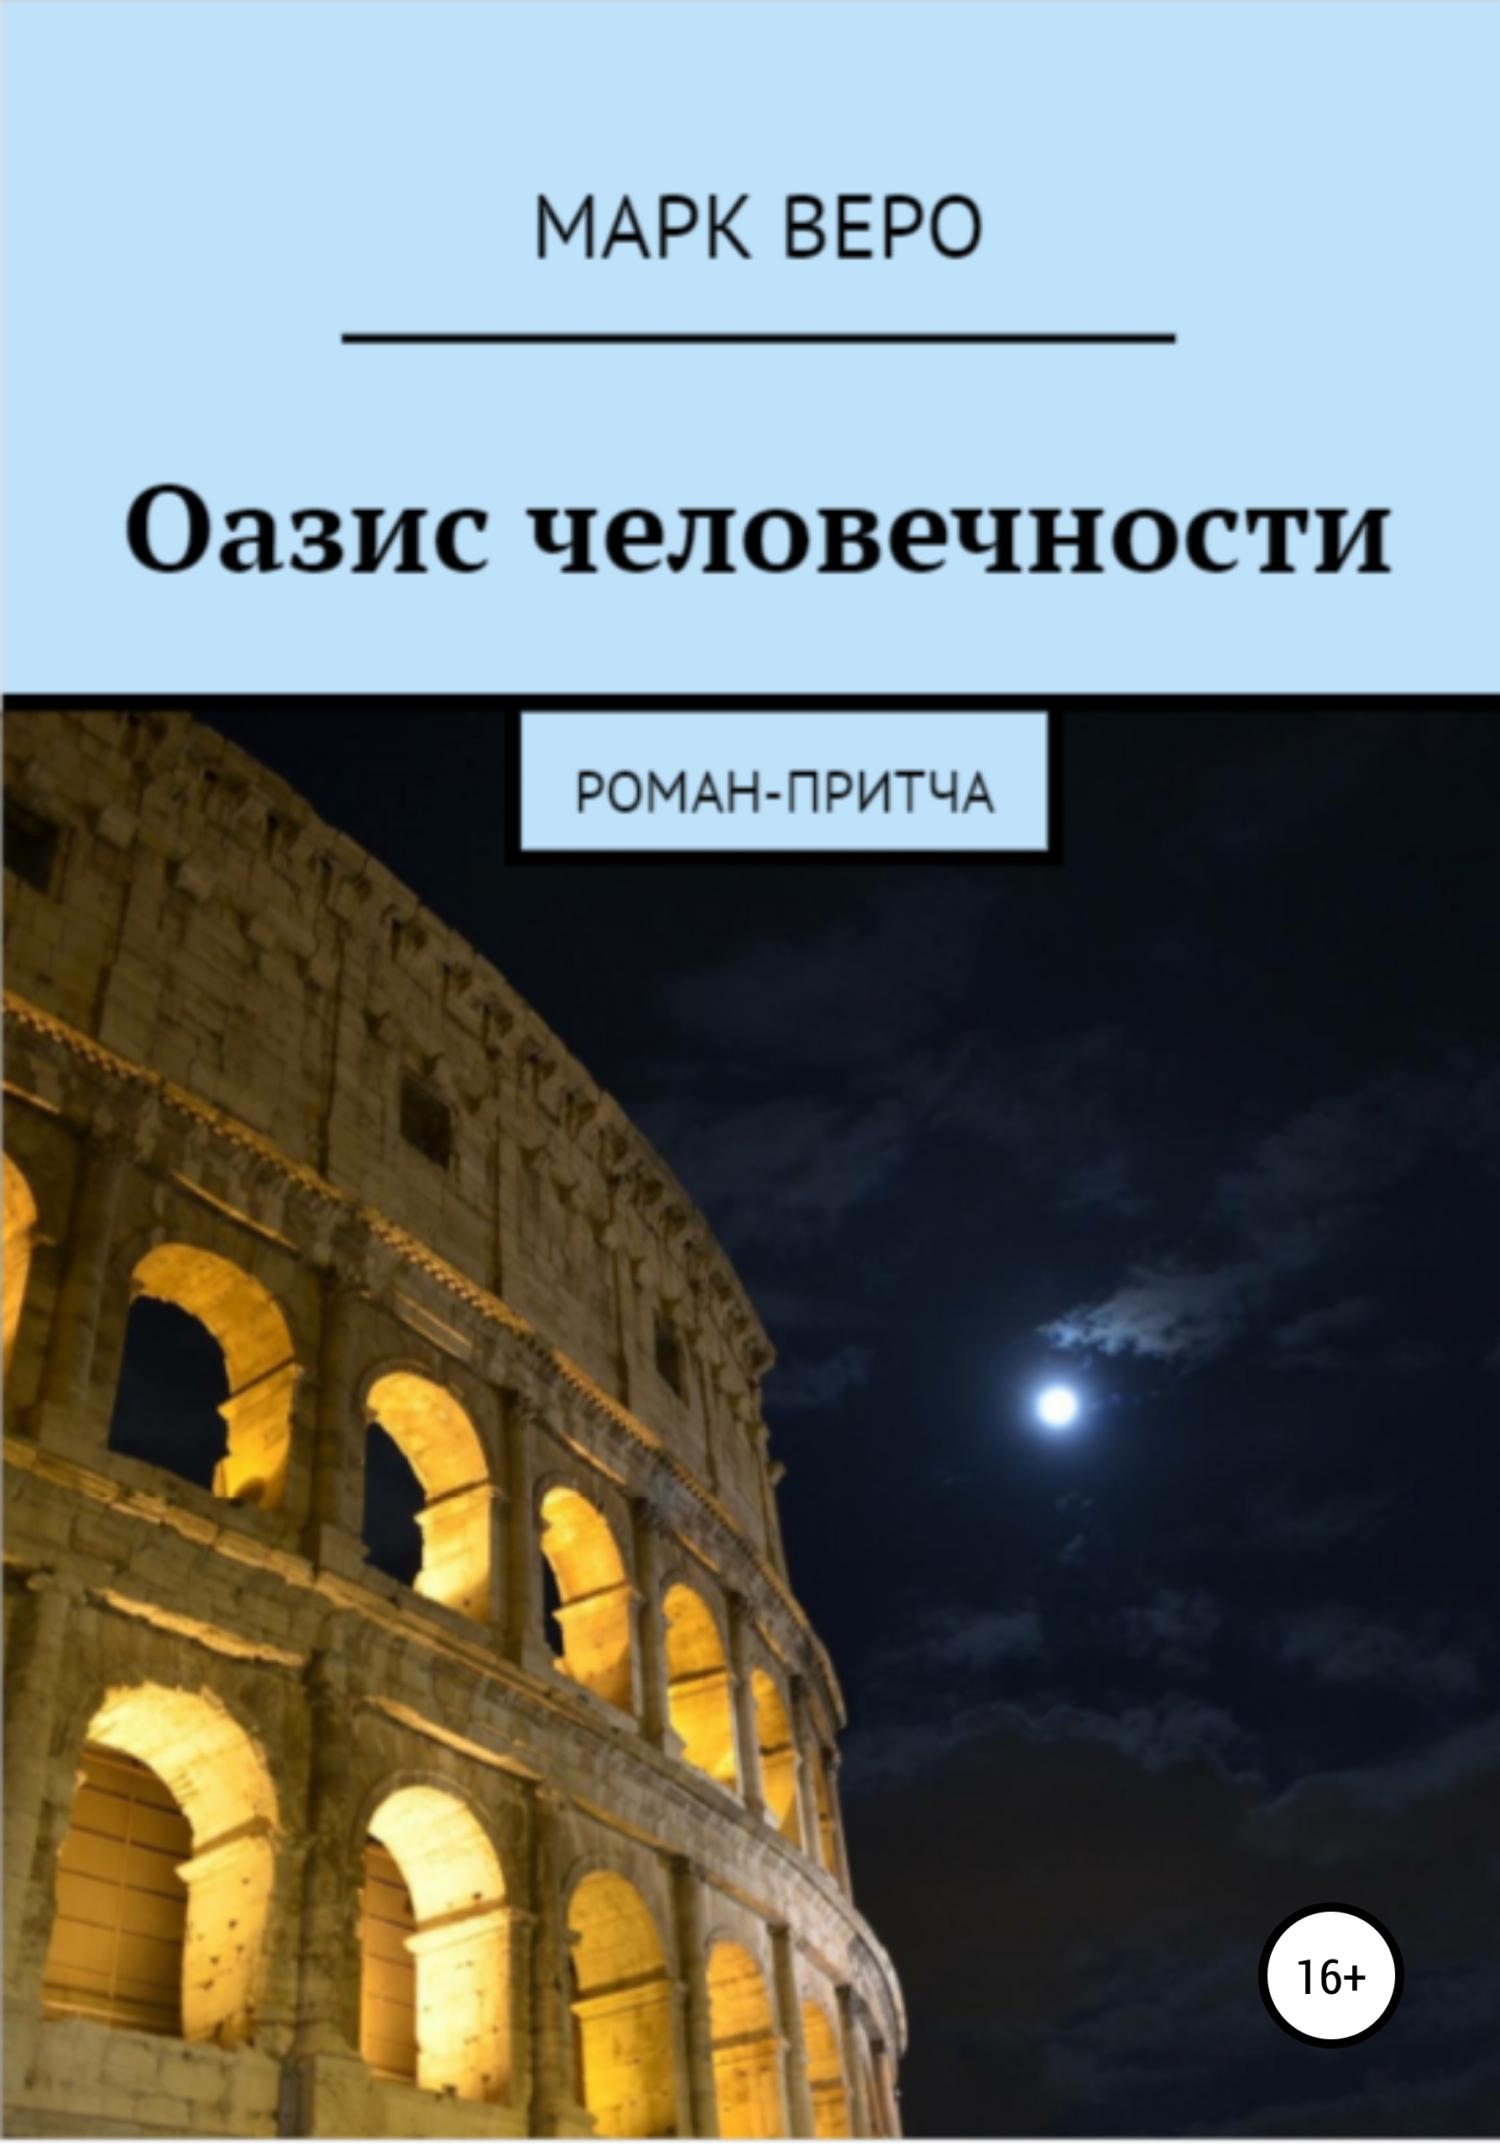 Купить книгу Оазис человечности, автора Марка Веро